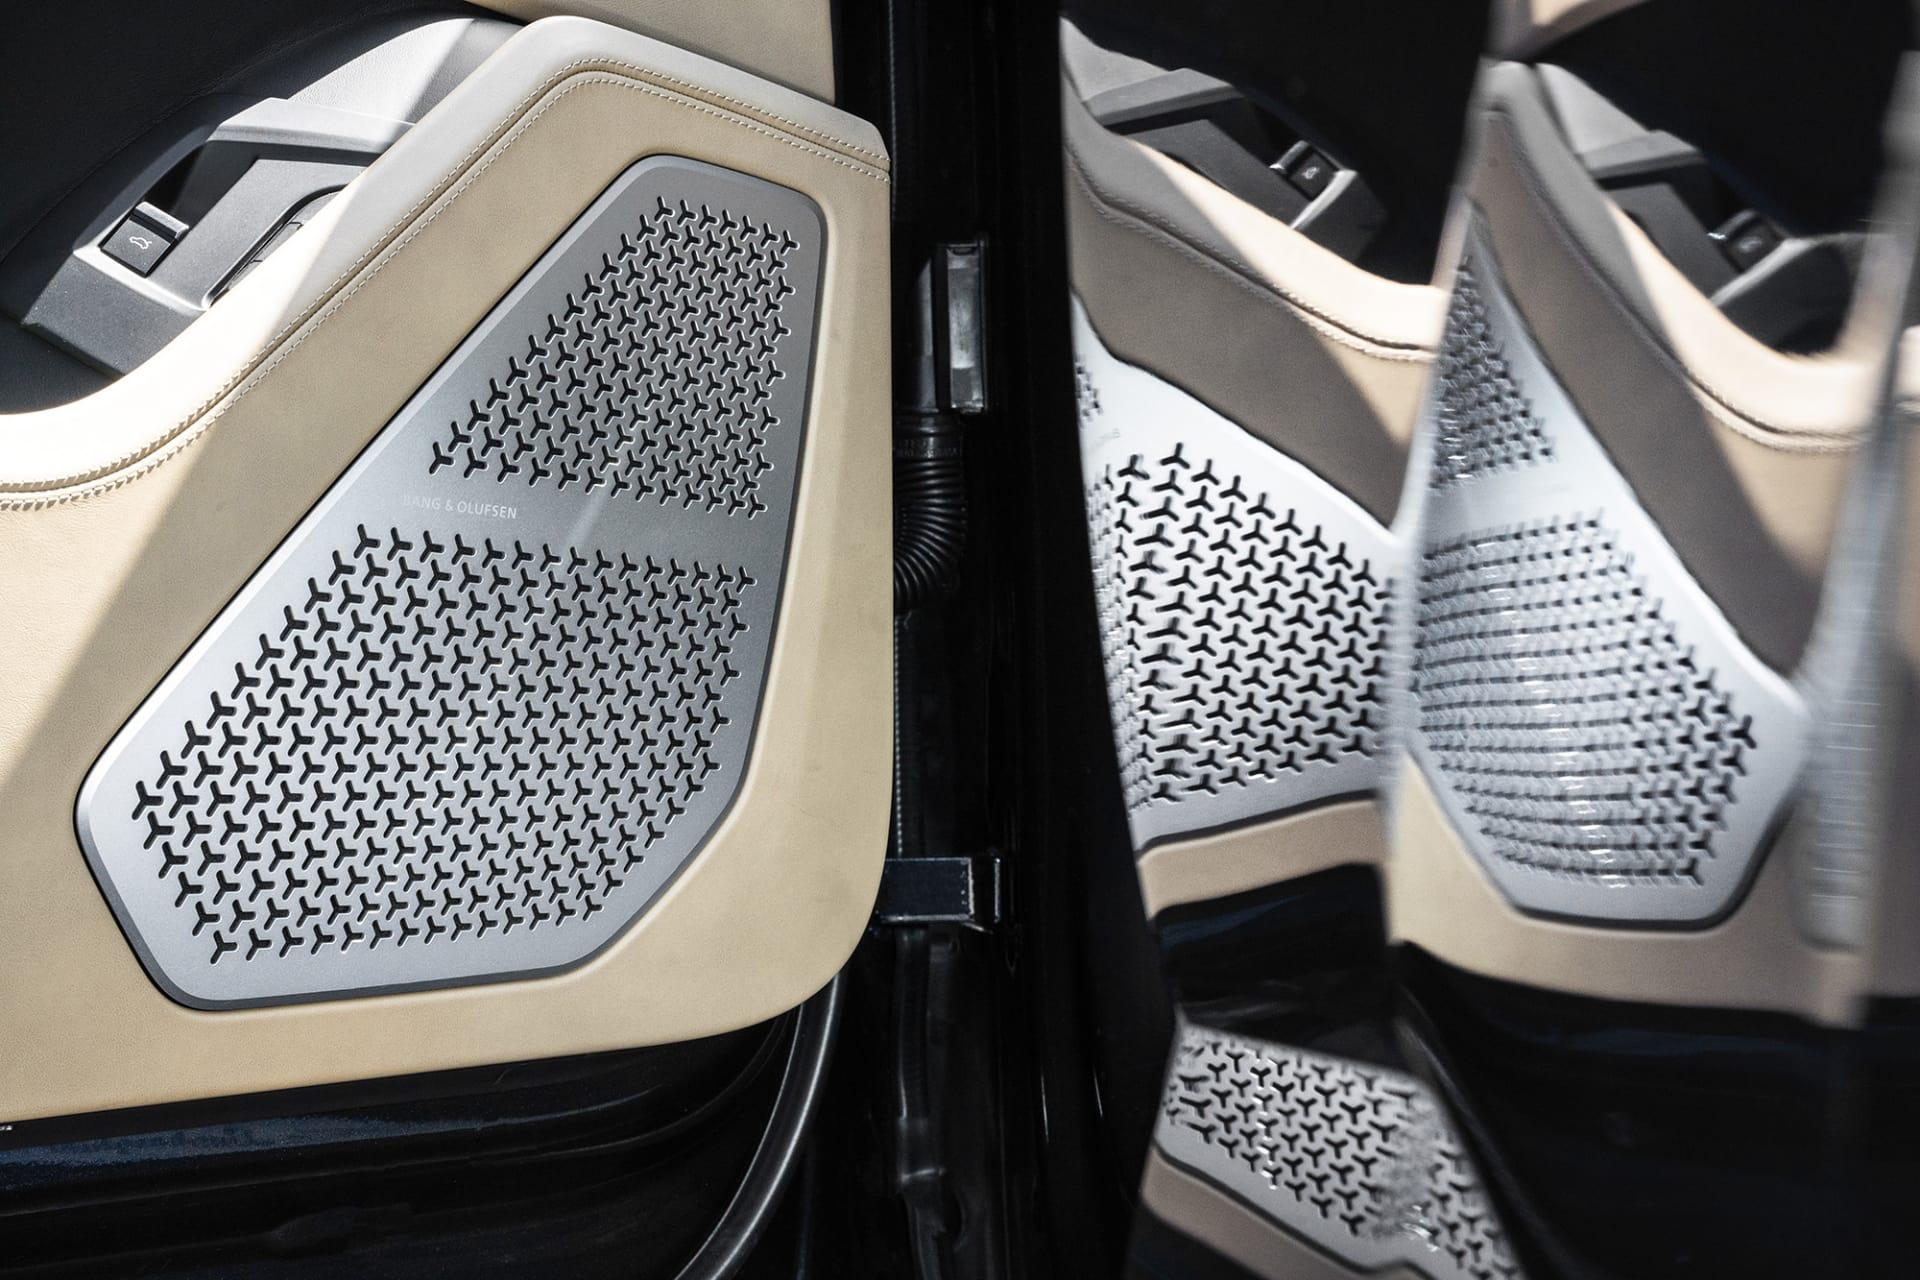 Lamborghinis mönster har även hittat hem i högtalarna från Bang & Olufsen.